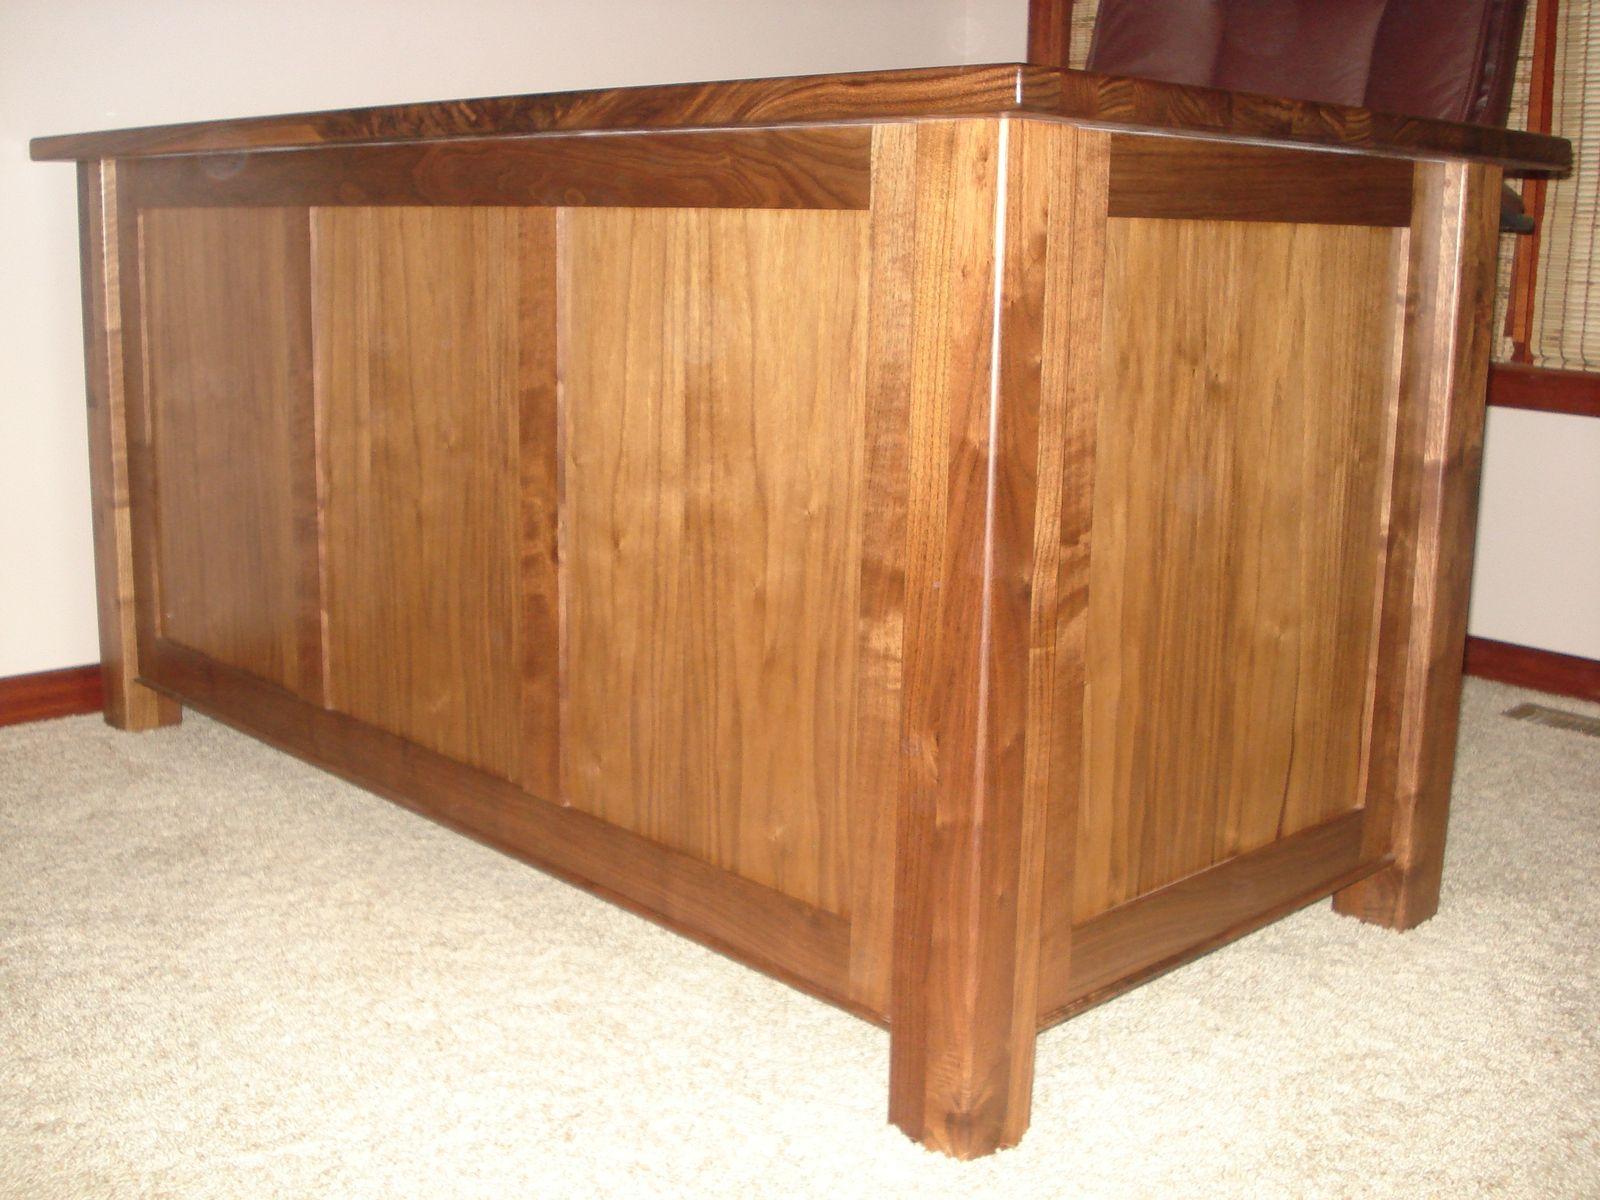 arts mission style marvelous craftsman crafts id desk furniture stickley